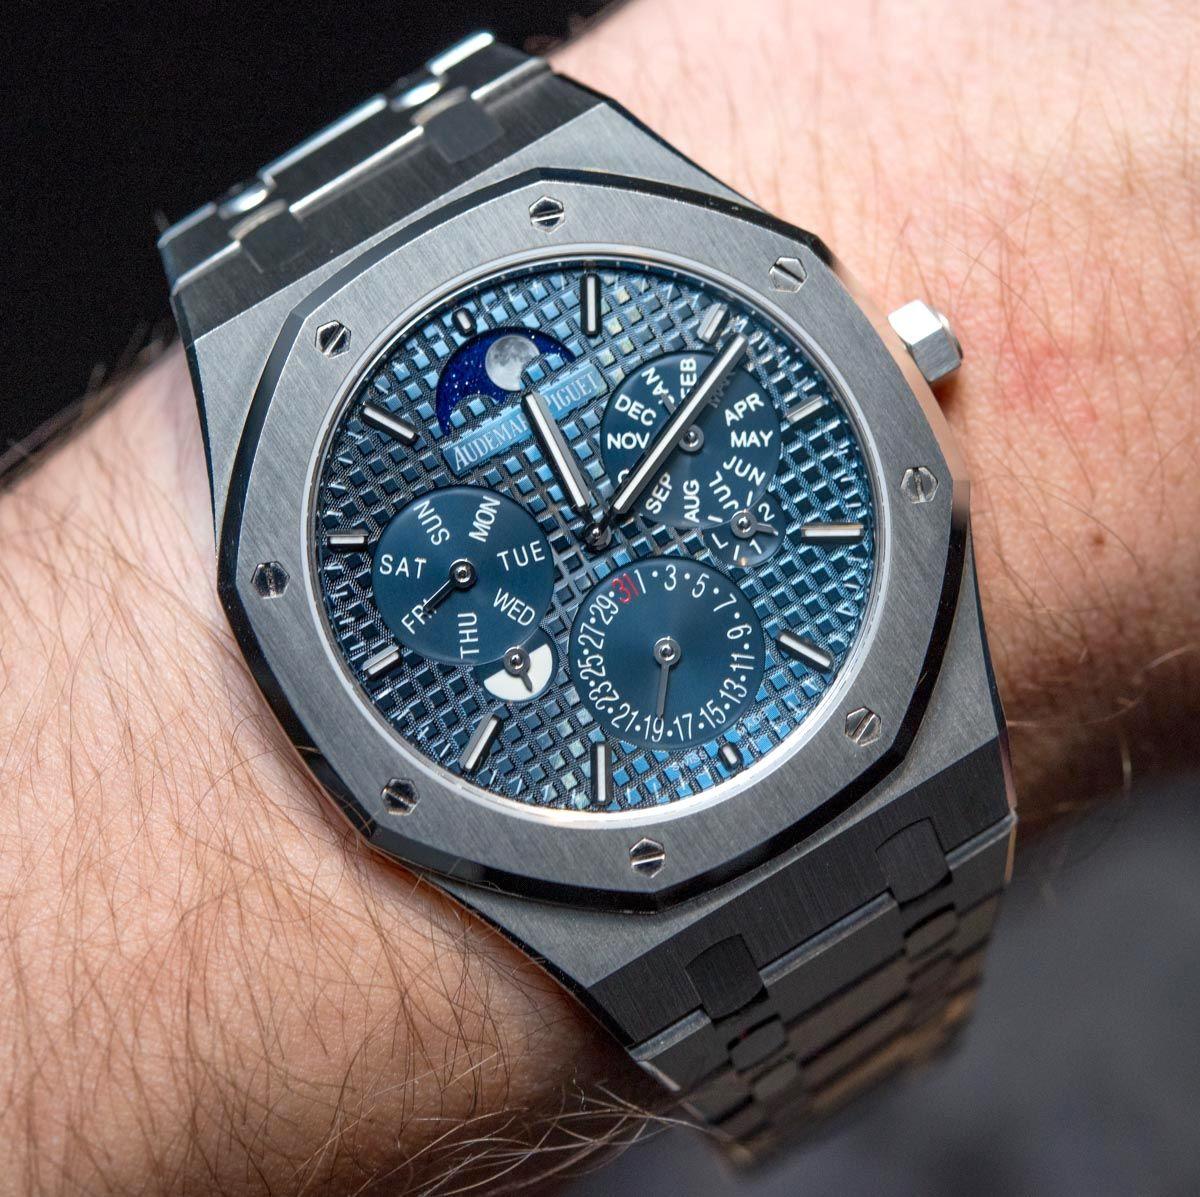 Audemars Piguet Royal Oak Rd 2 Perpetual Calendar Ultra Thin Hands On Ablogtowatch Audemars Piguet Best Watches For Men Audemars Piguet Gold